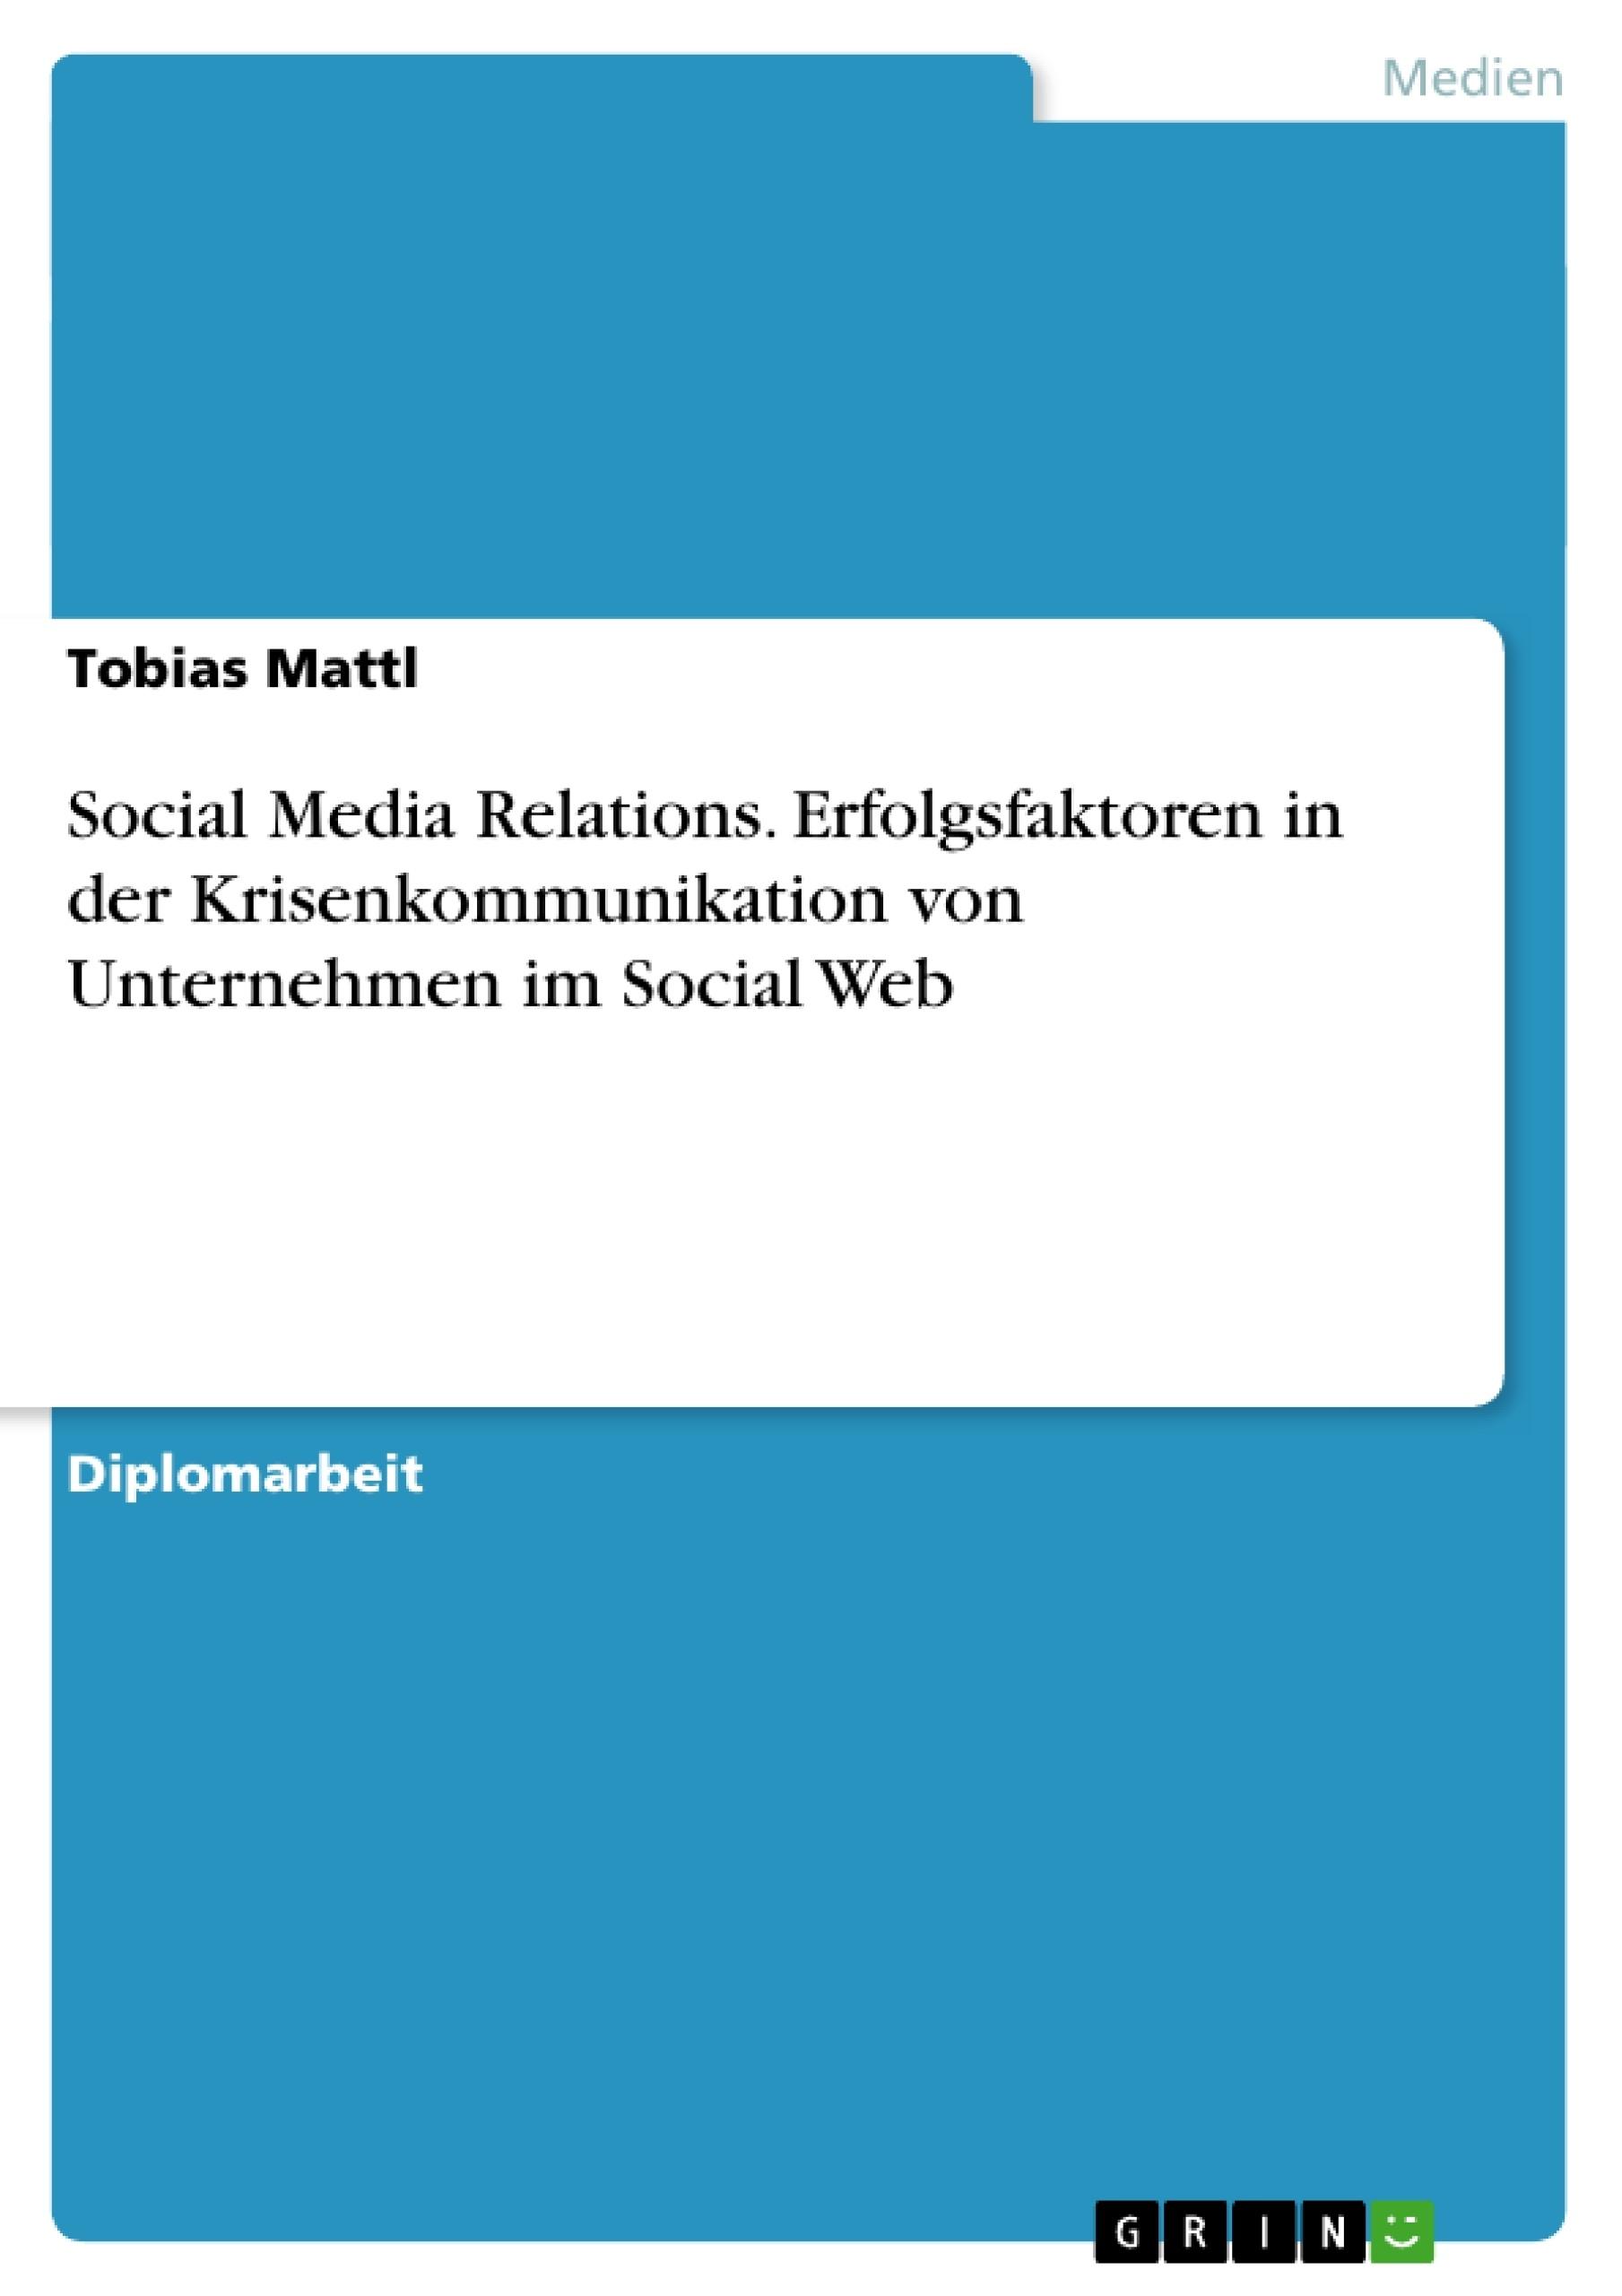 Titel: Social Media Relations. Erfolgsfaktoren in der Krisenkommunikation von Unternehmen im Social Web